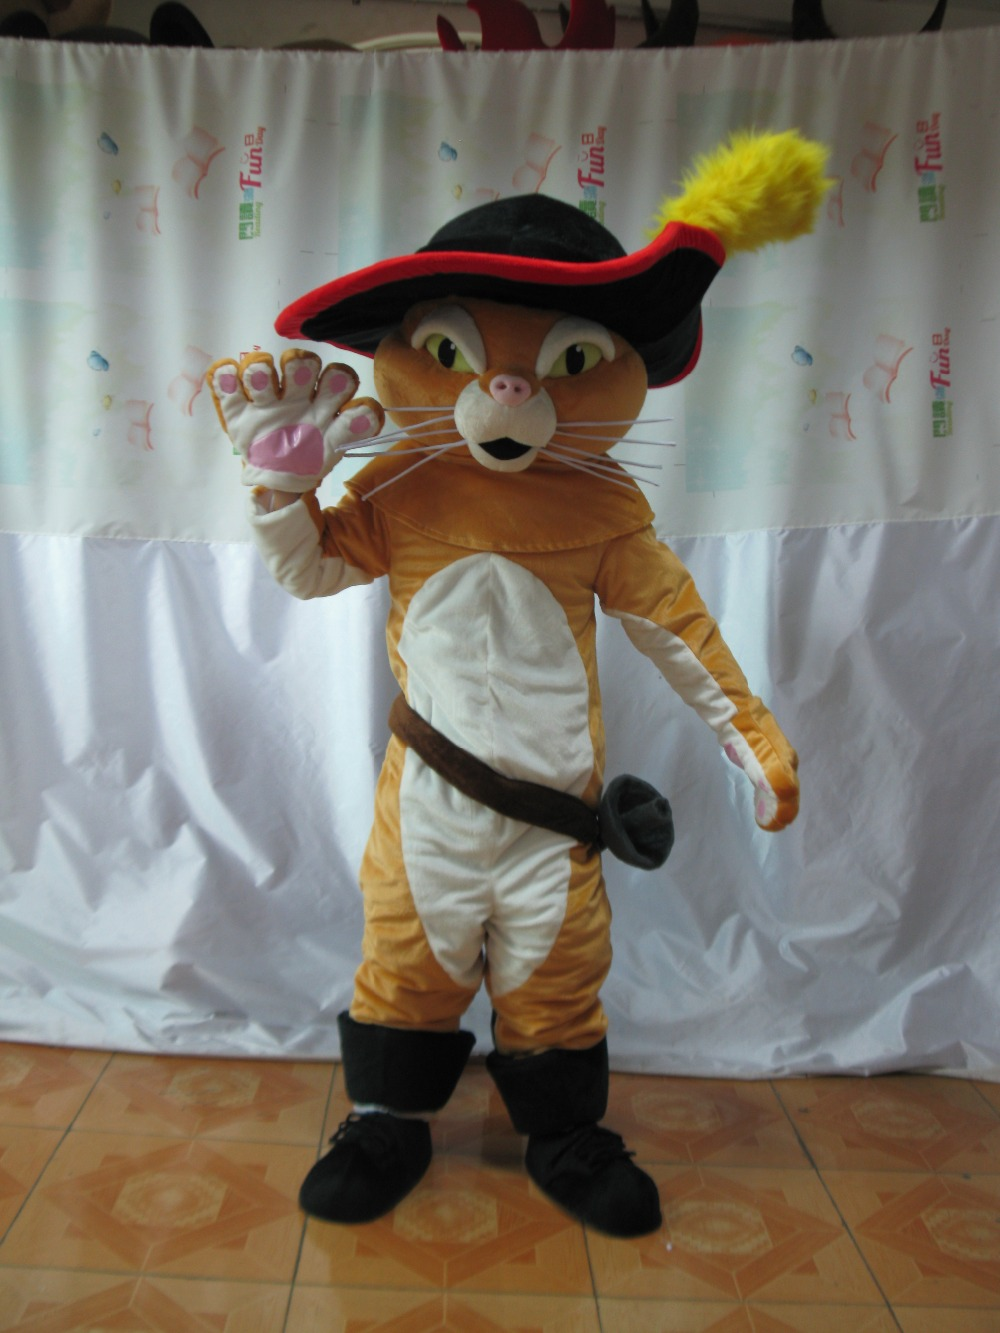 Adulte Pus La Bottes Chat costume De Mascotte Costumes De Fête Carnaval Costumes Fantaisie Robe Costumes pour Halloween party événement